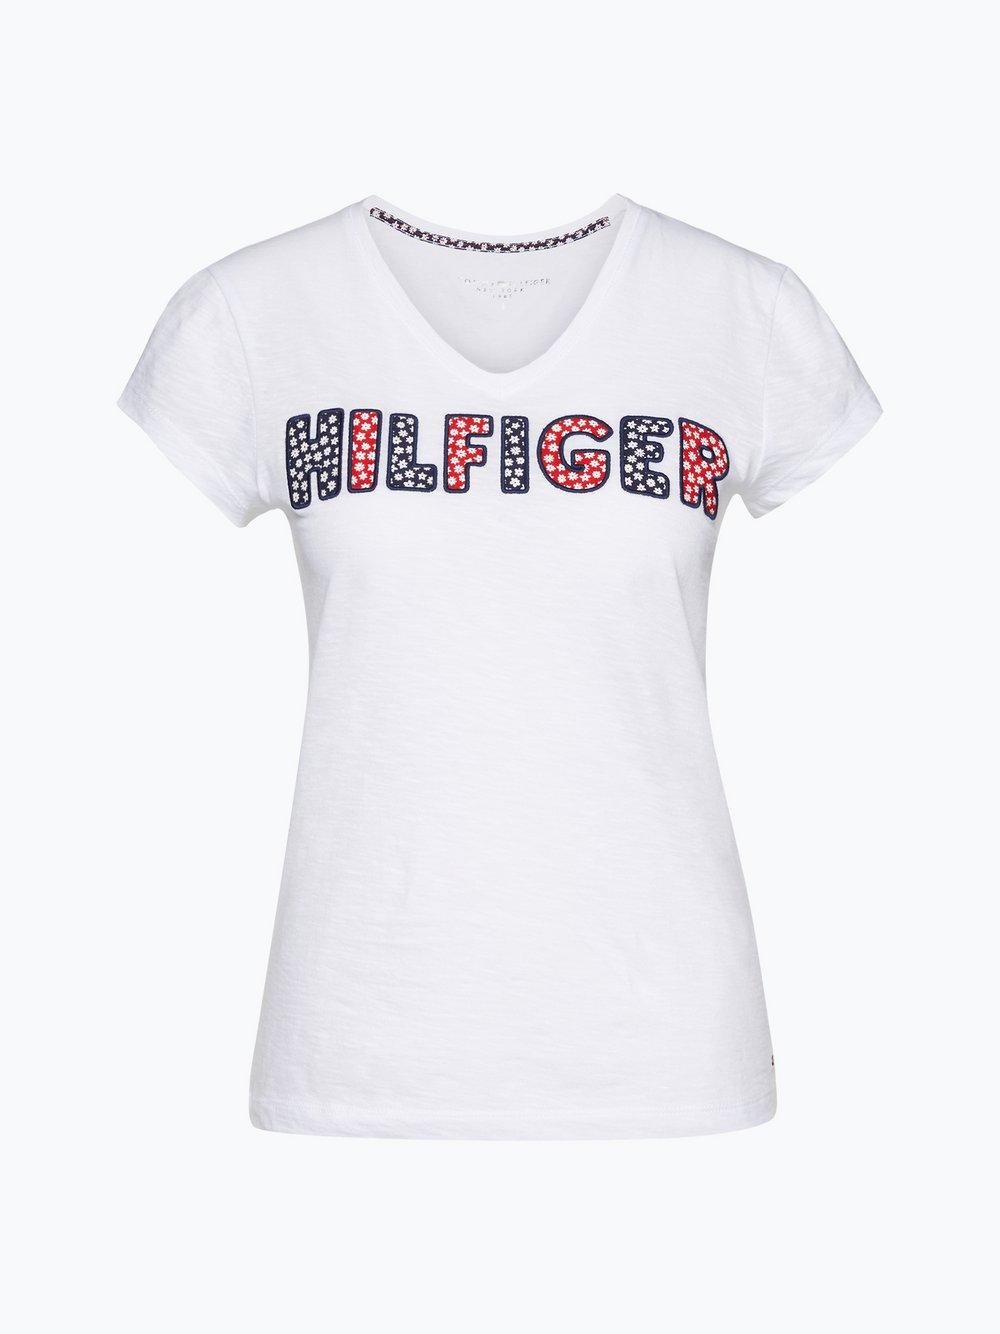 692983fc02d6 Tommy Hilfiger Damen T-Shirt  2  online kaufen   PEEK-UND-CLOPPENBURG.DE